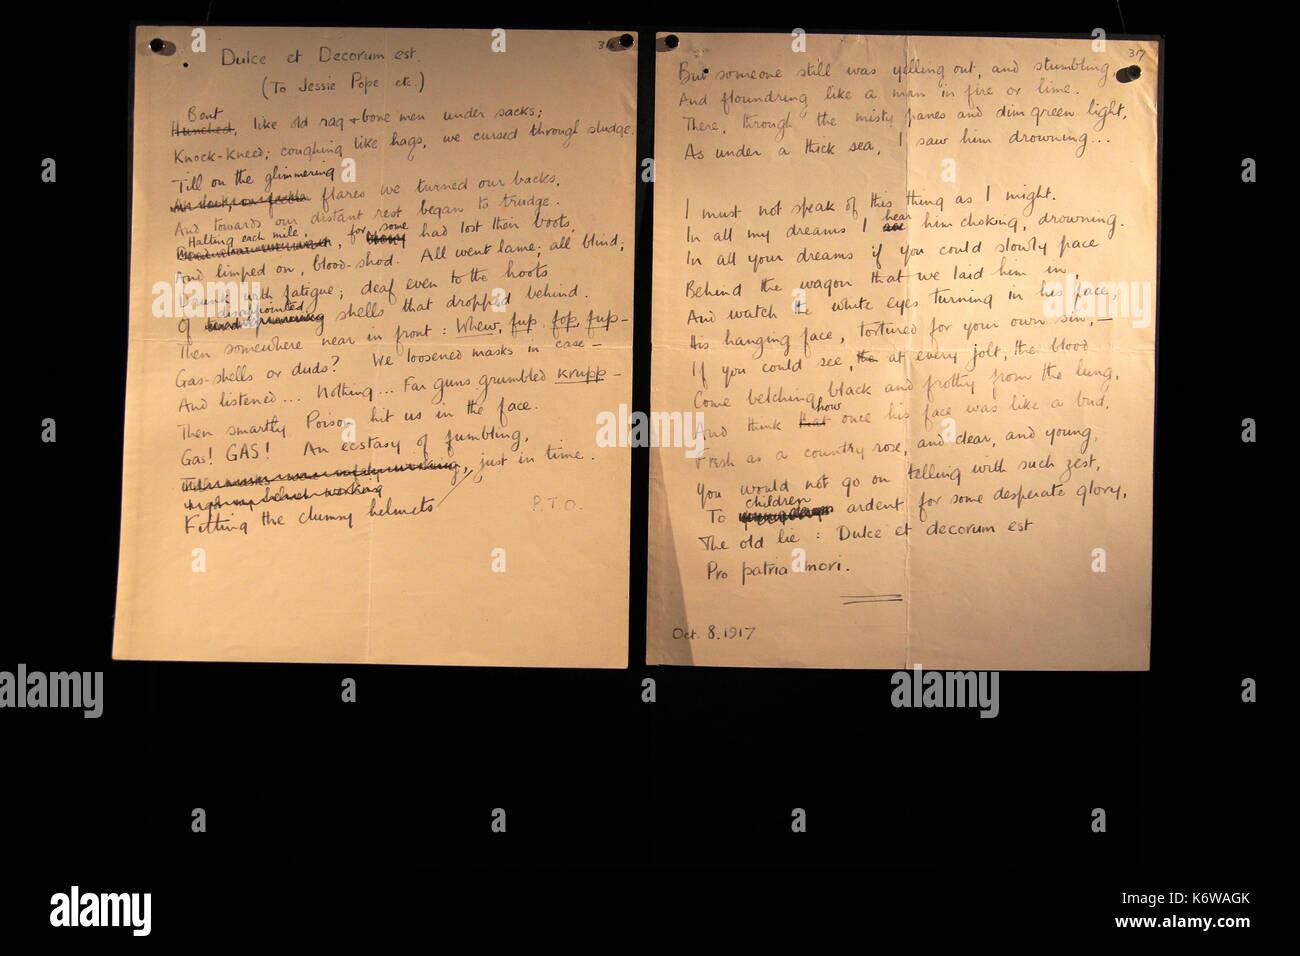 Dulce et decoro est poesia di wilfred Owen, librerie di Bodleian, weston biblioteca libri storici, Università di Oxford, England, Regno Unito Immagini Stock